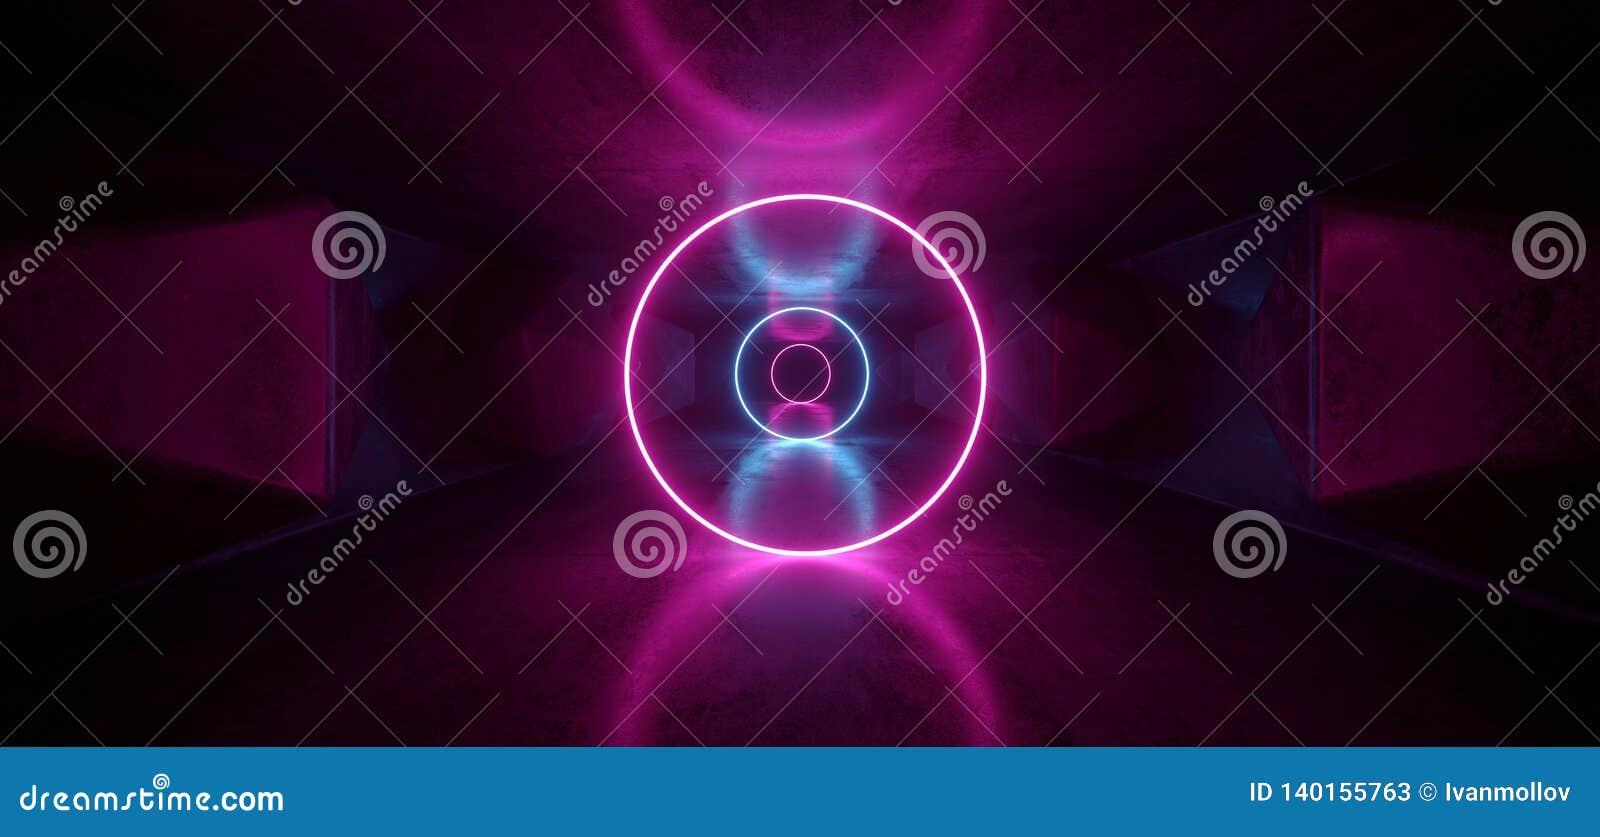 霓虹发光的荧光的充满活力的宇宙紫外萤光豪华光亮科学幻想小说未来派减速火箭的圈子光紫色